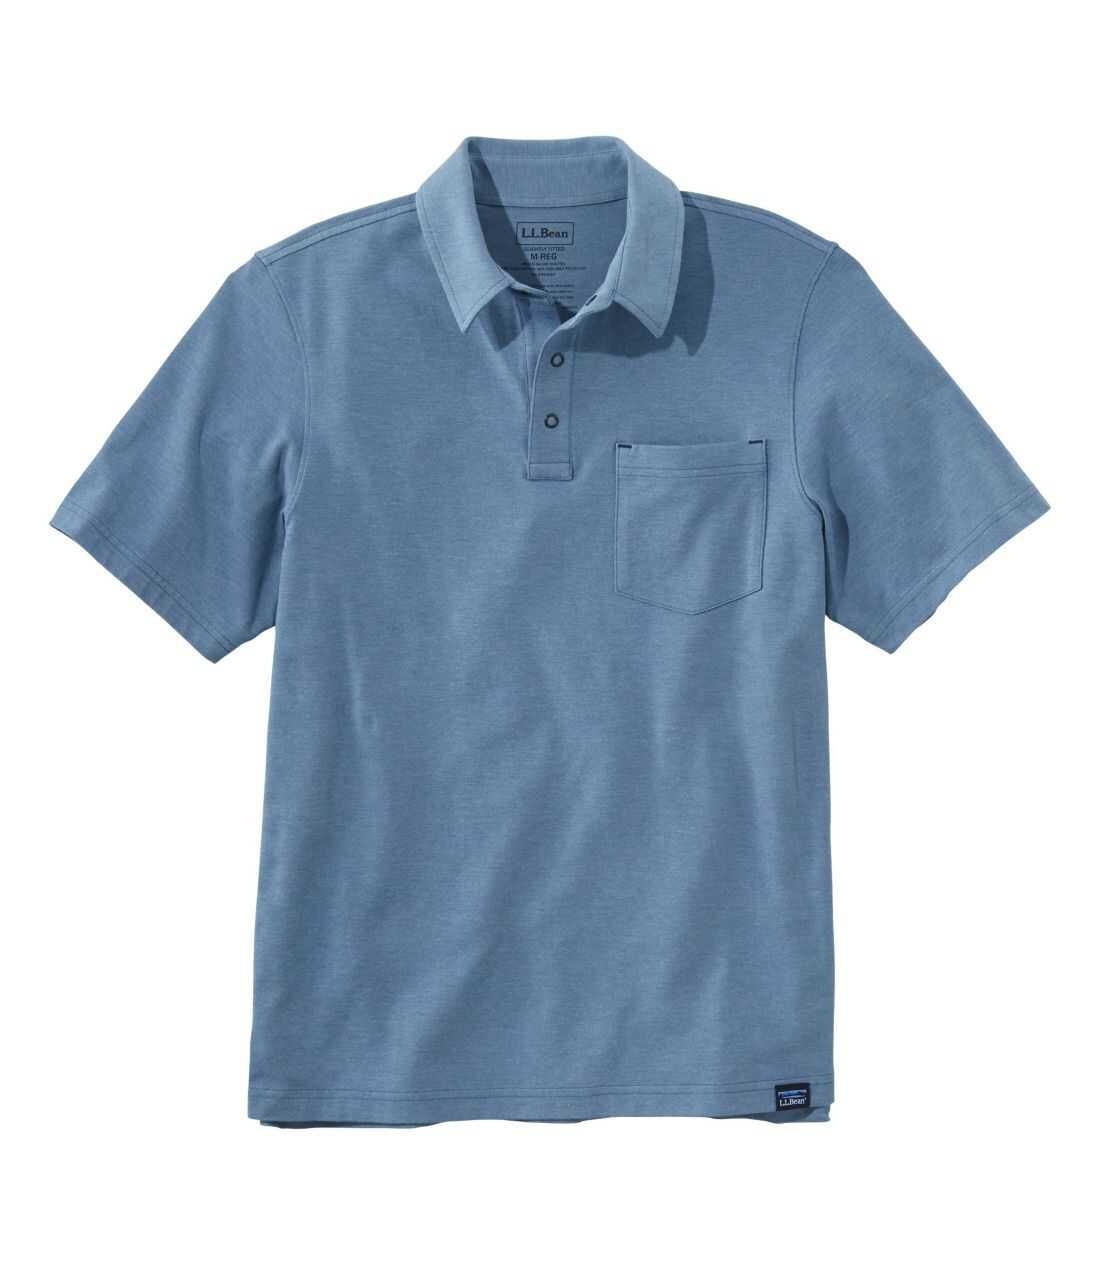 アラガッシュ・ポロシャツ、半袖